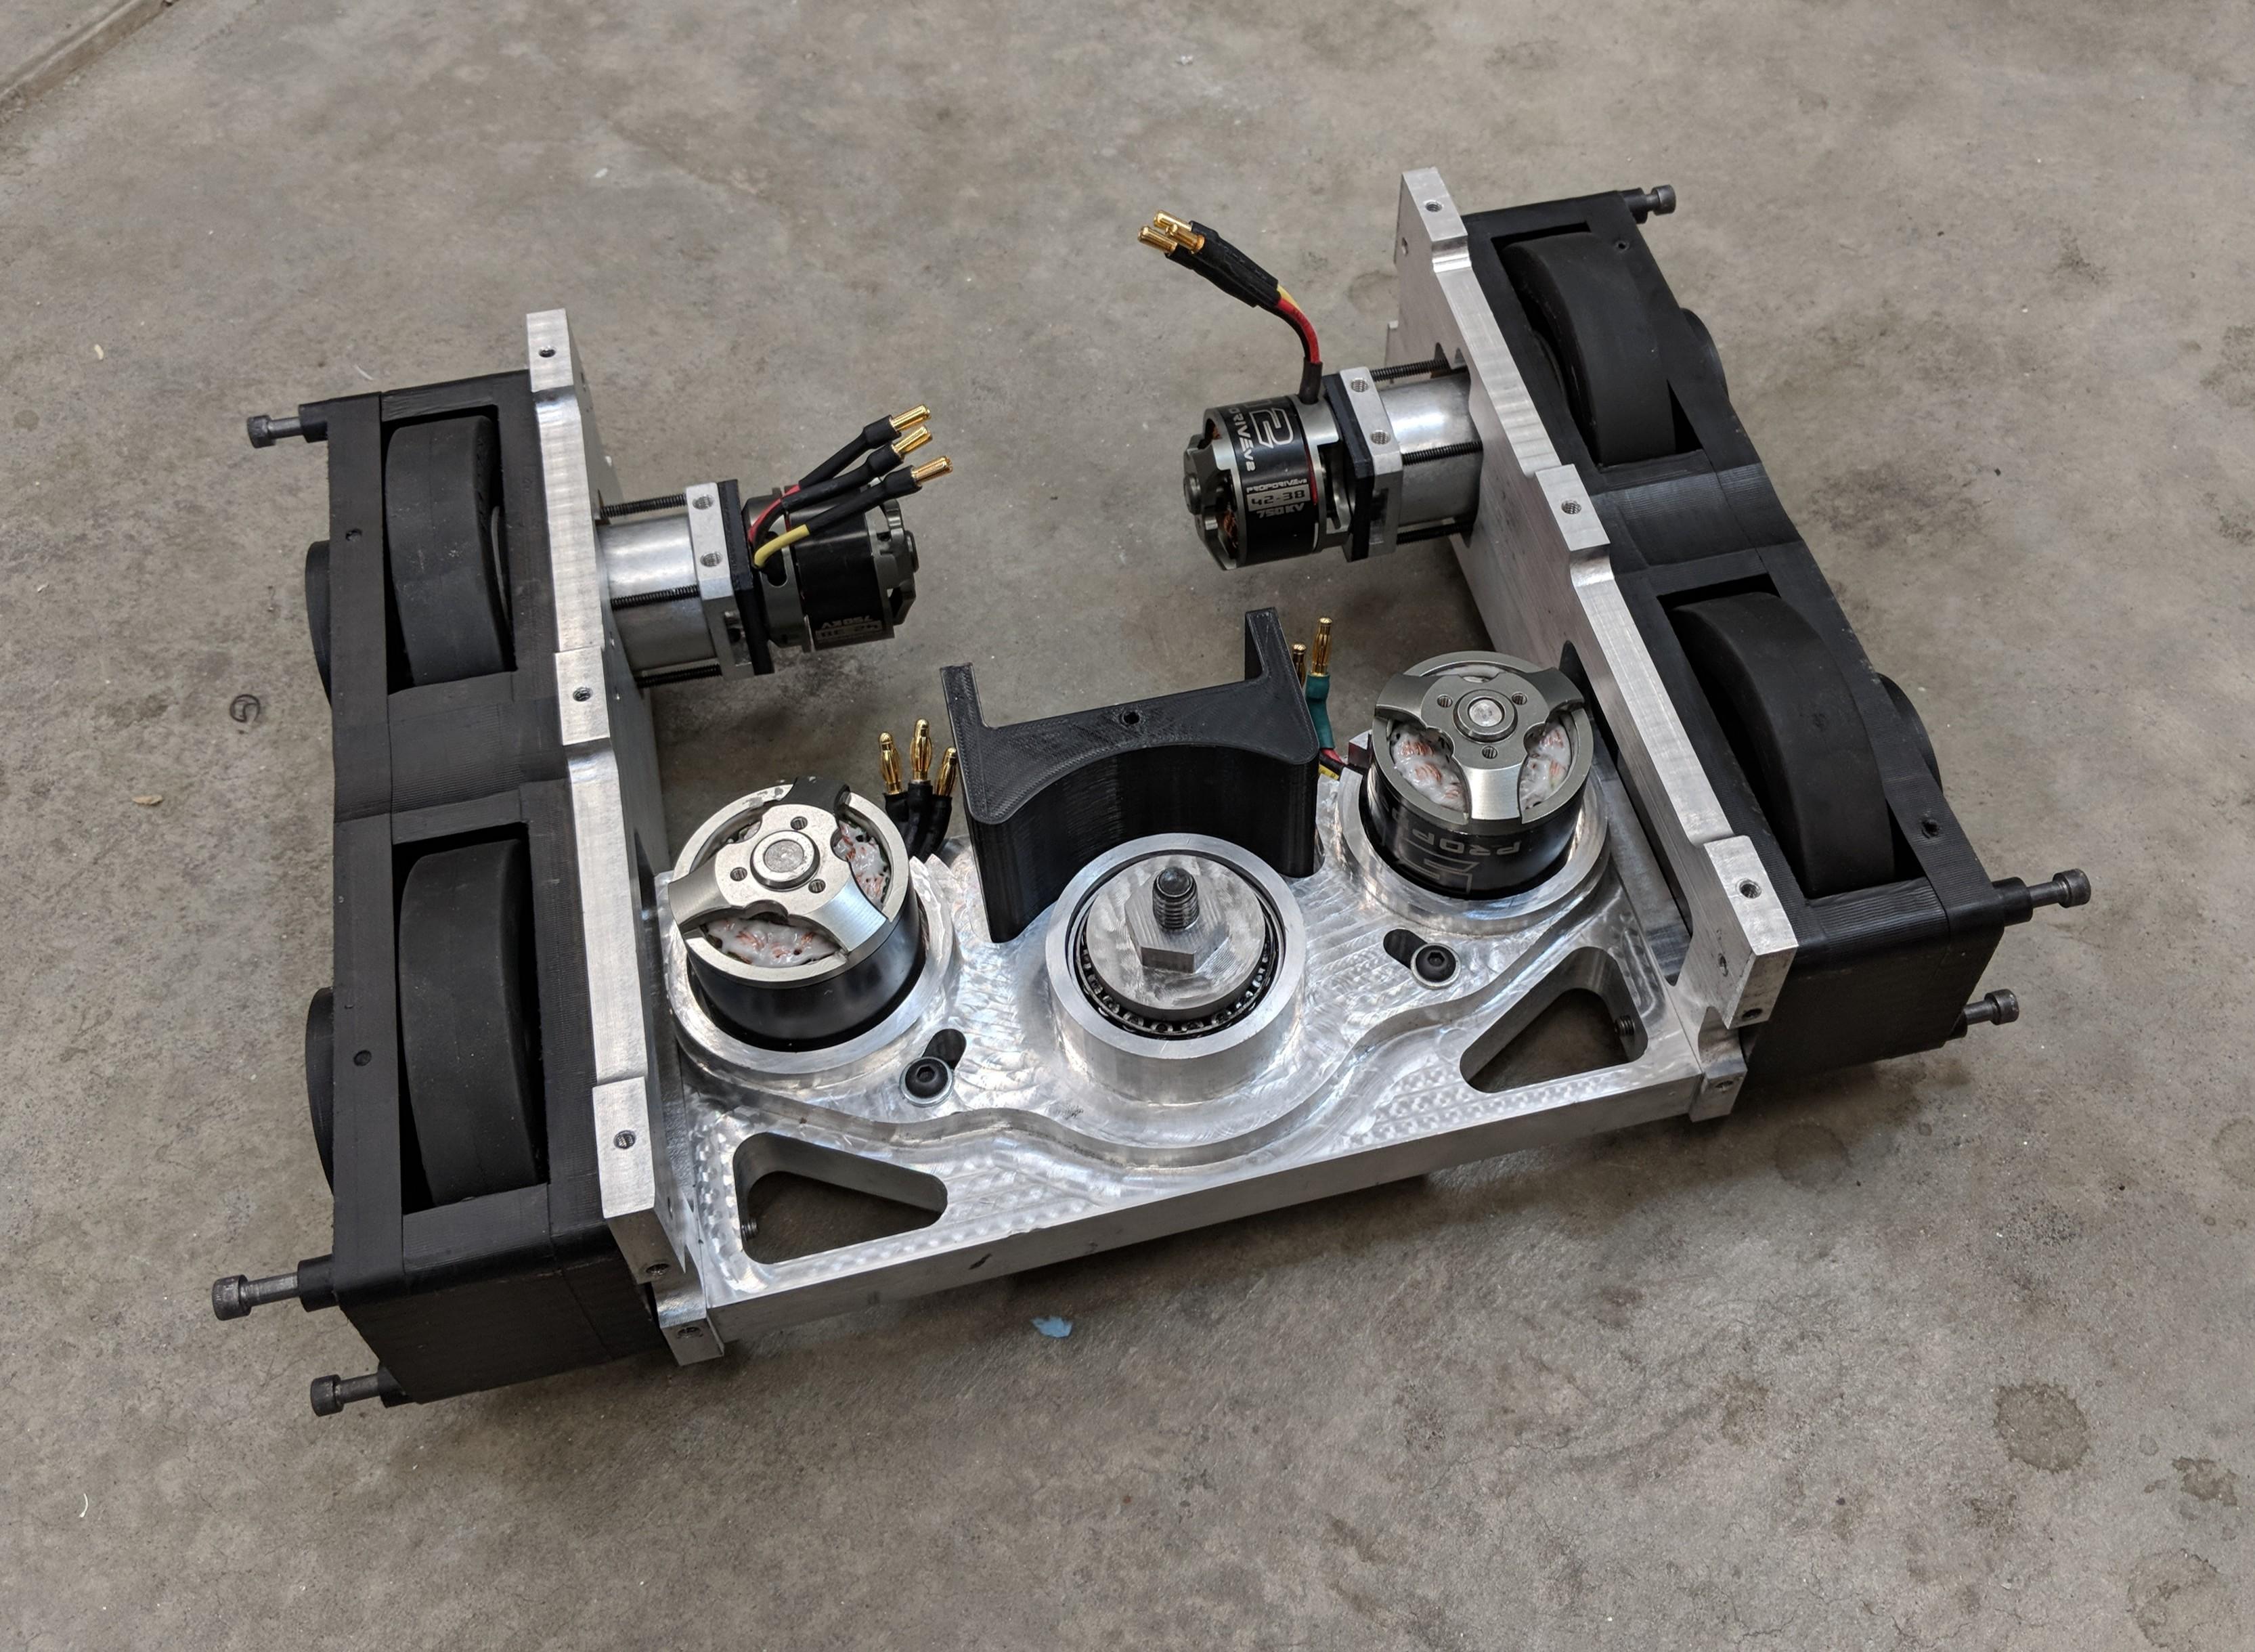 How to Build a Combat Robot - News - SparkFun Electronics